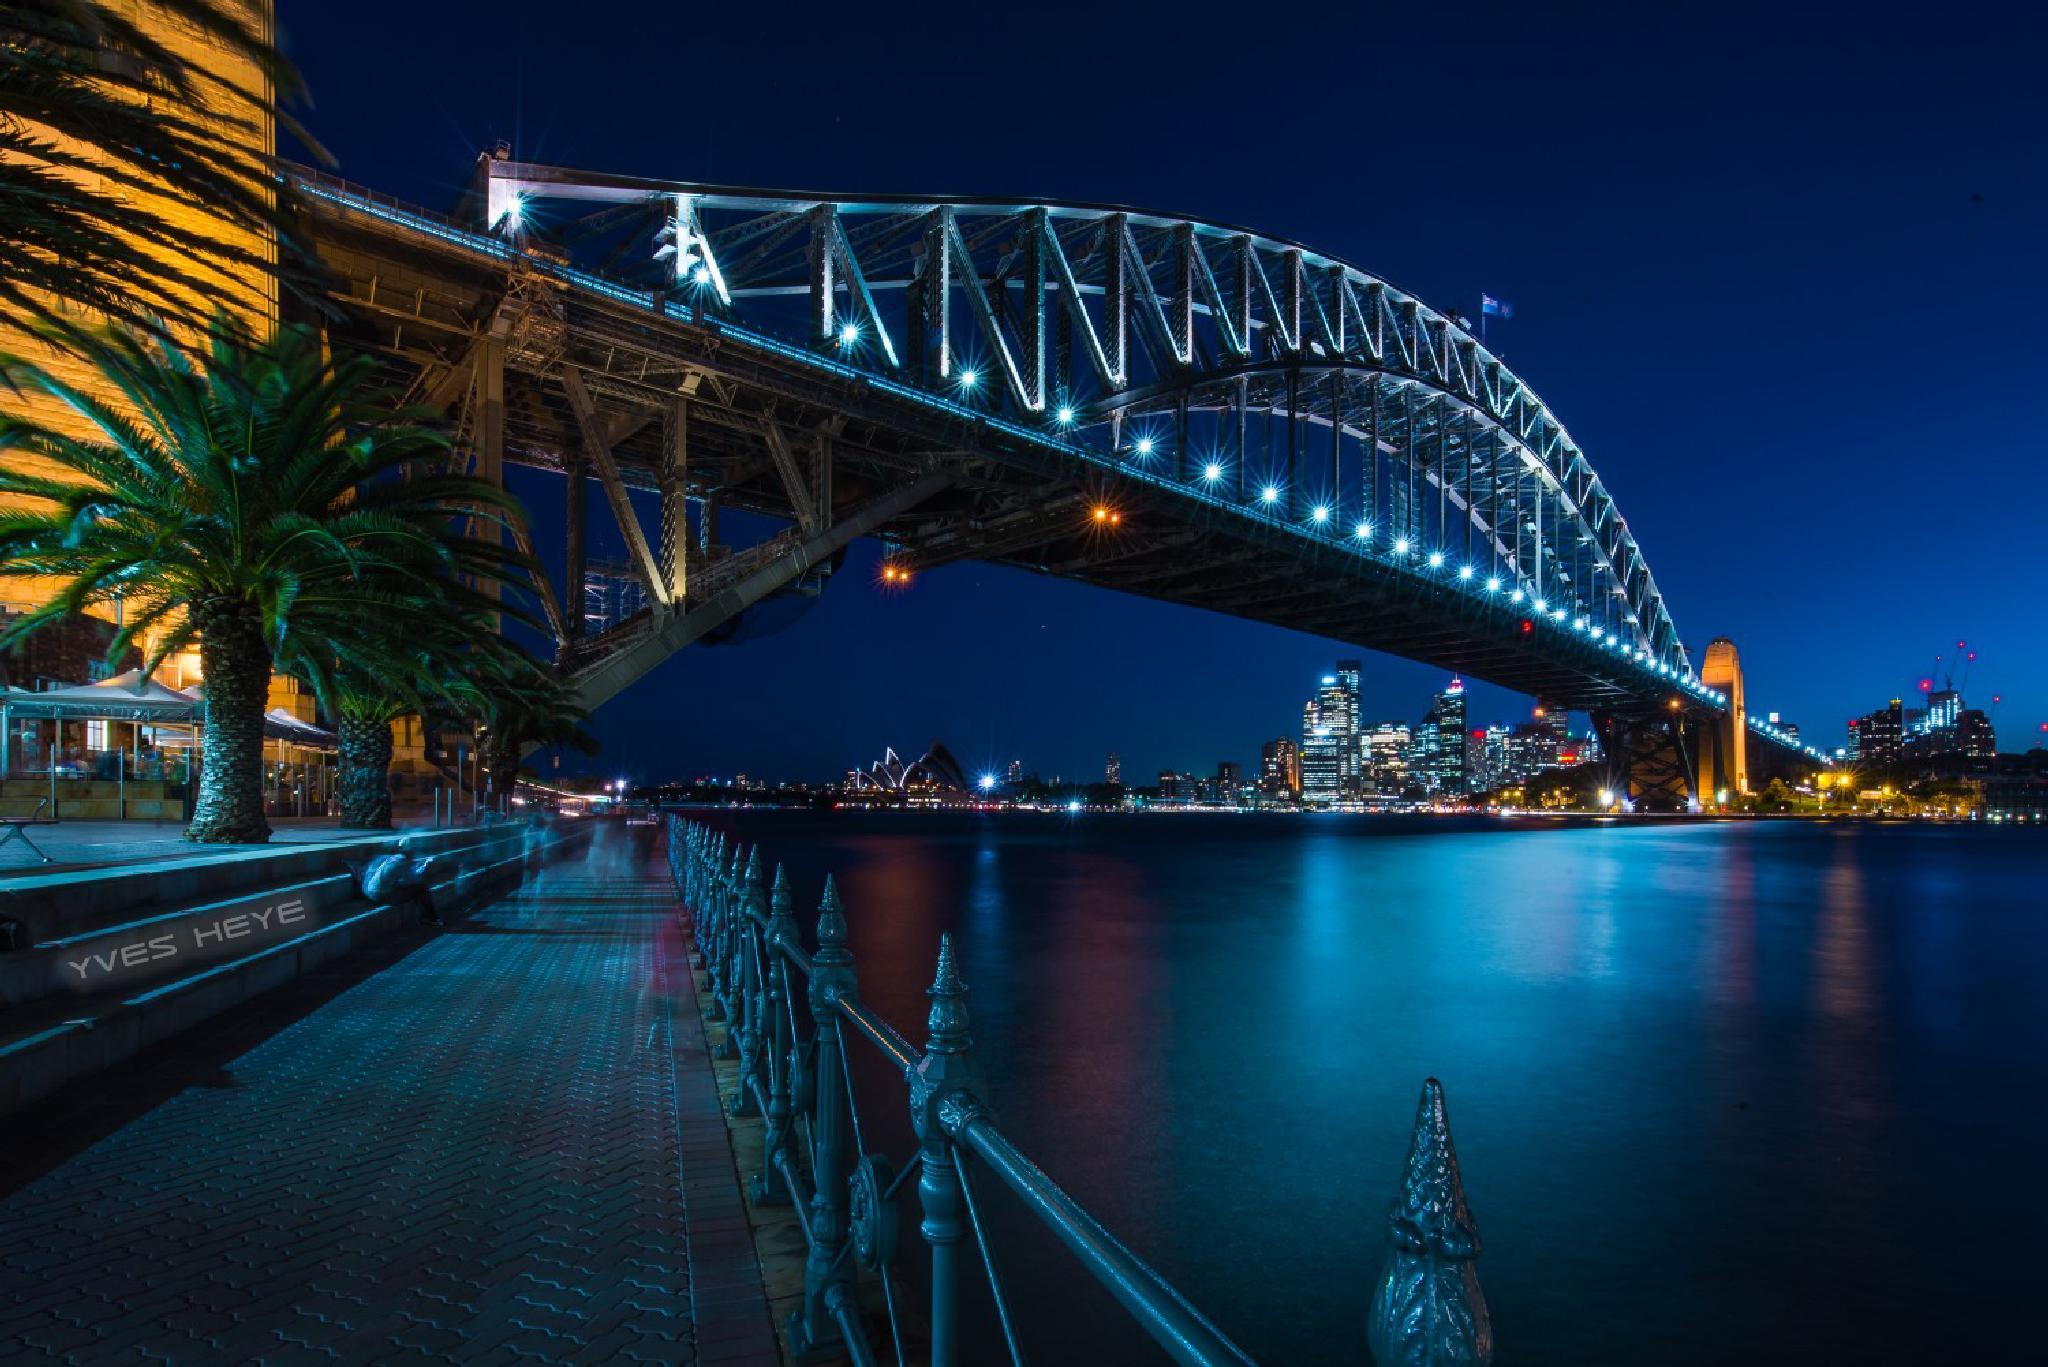 Harbour Bridge by Yves Heye